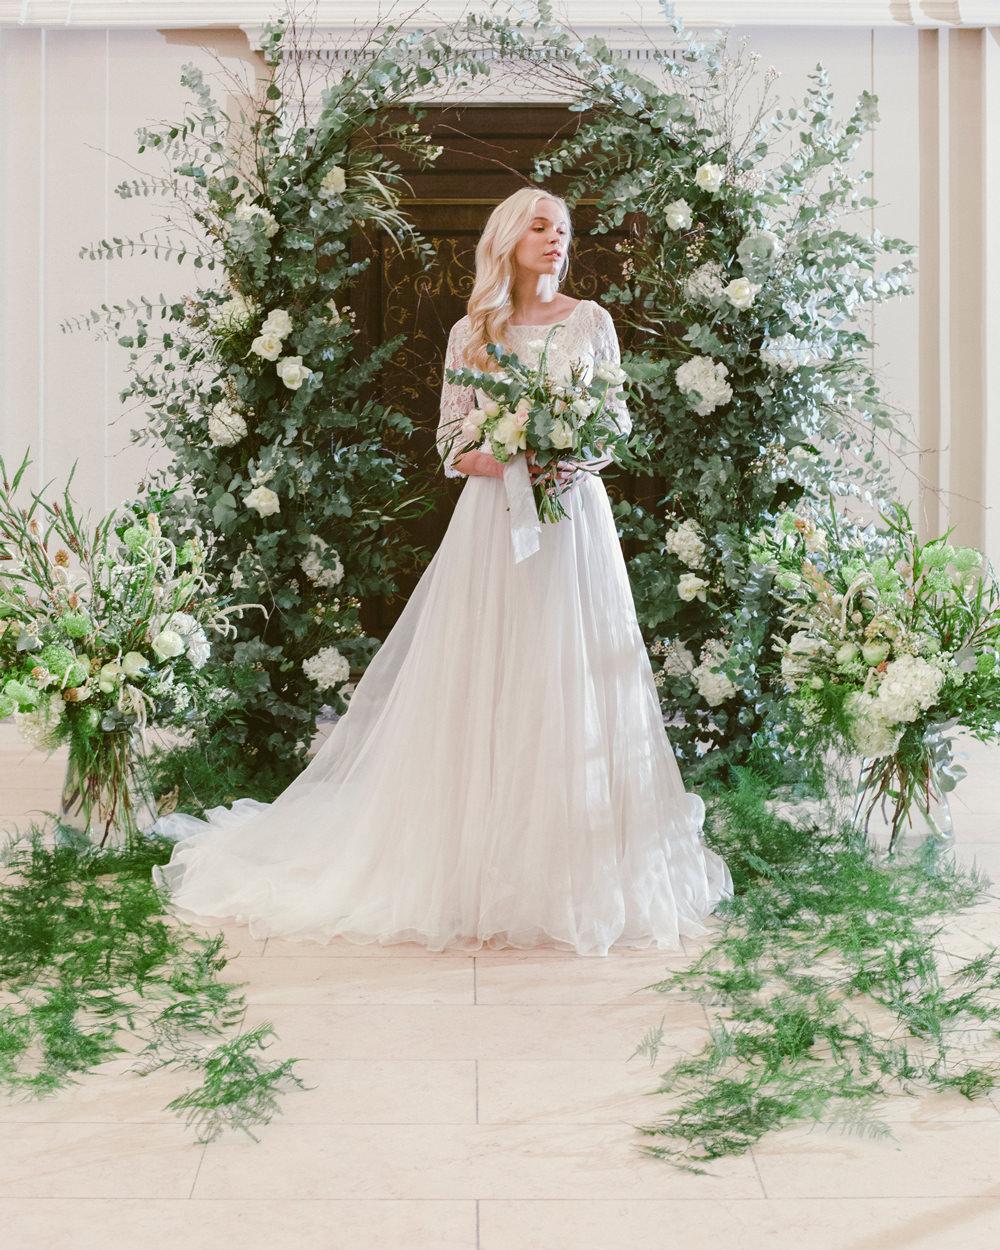 Flower Arch Backdrop Aisle Ceremony Flowers Greenery Foliage Blush Rose Whimsical Elegant Wedding Ideas Mandorla London